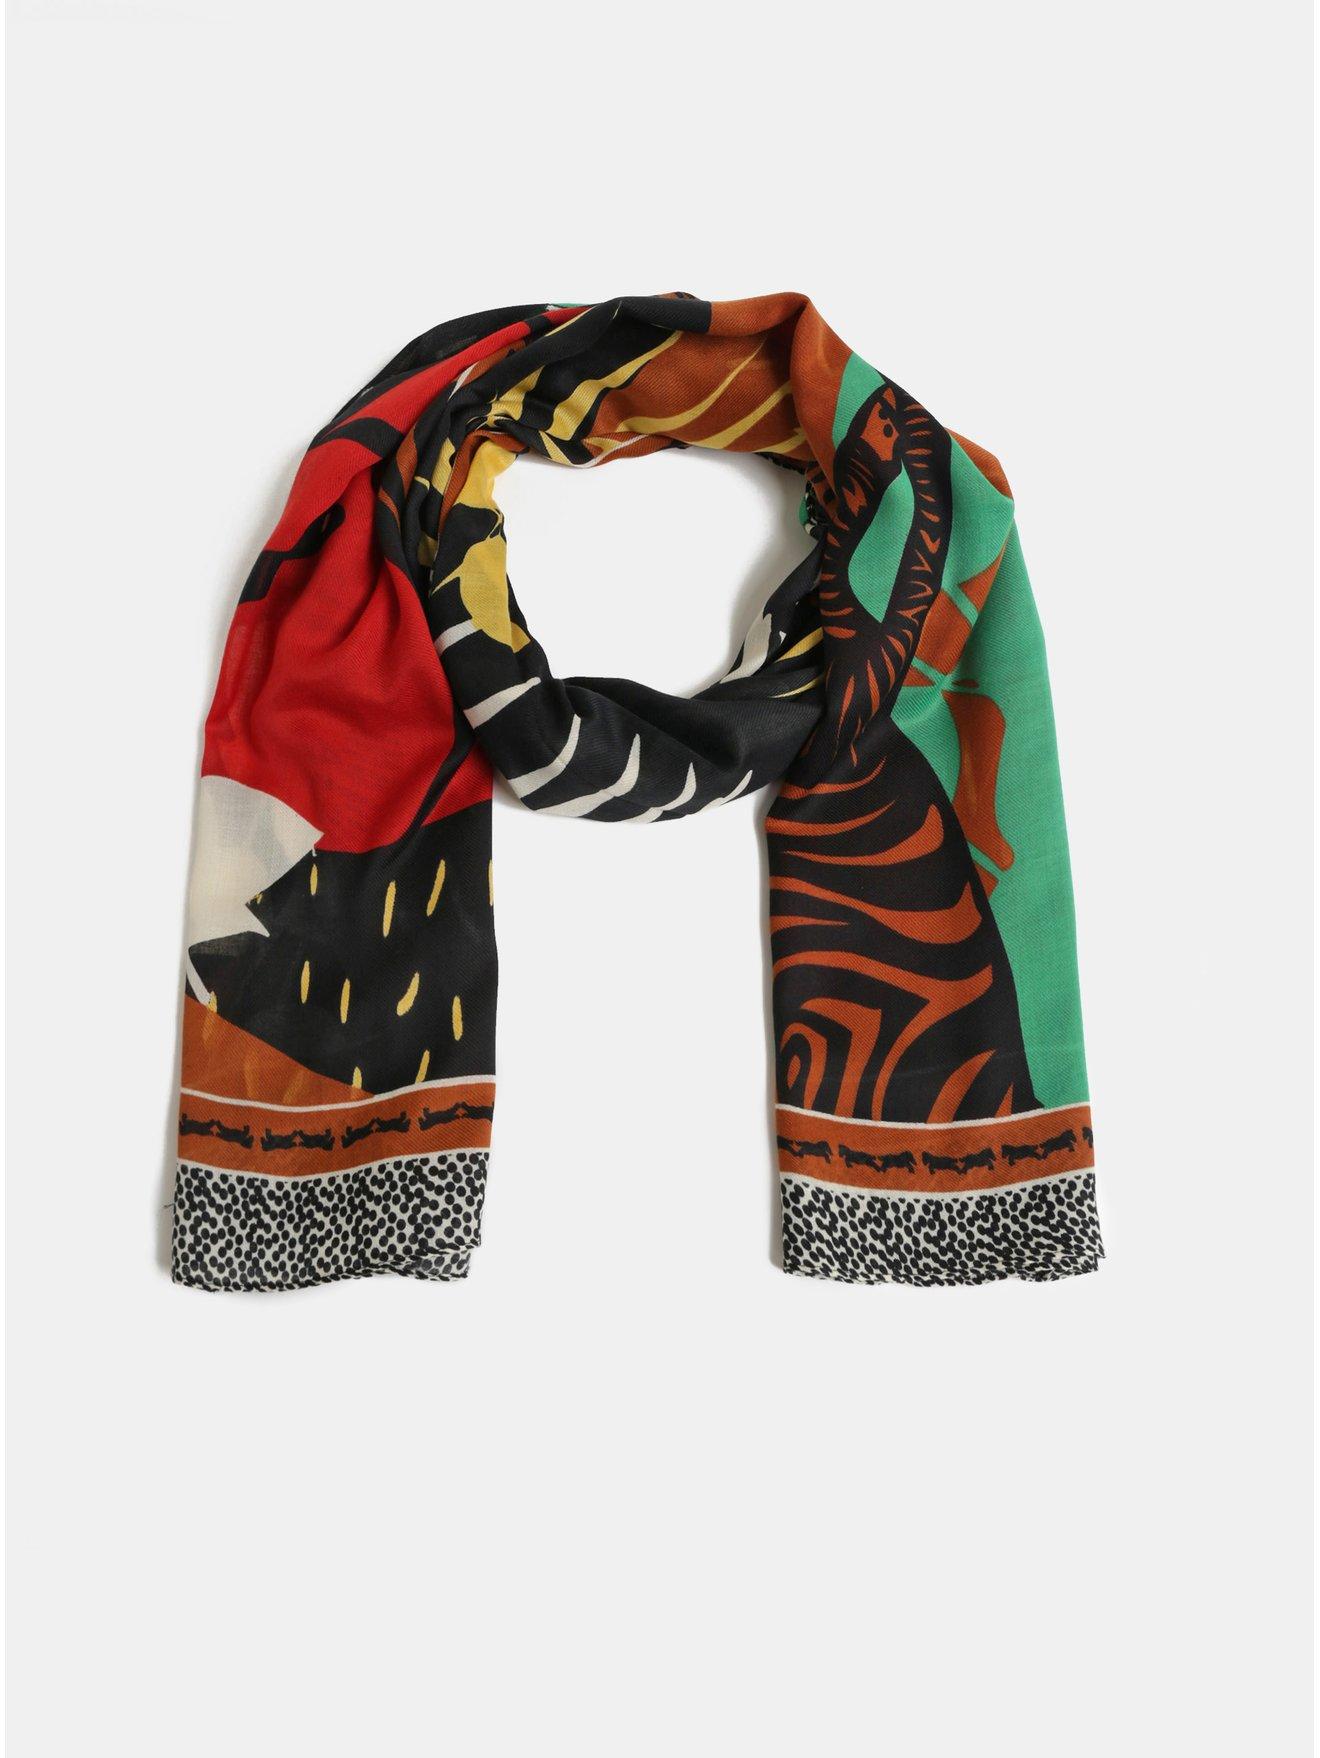 Hnědo-černý šátek s motivem listů Pieces Obina 865dc43632